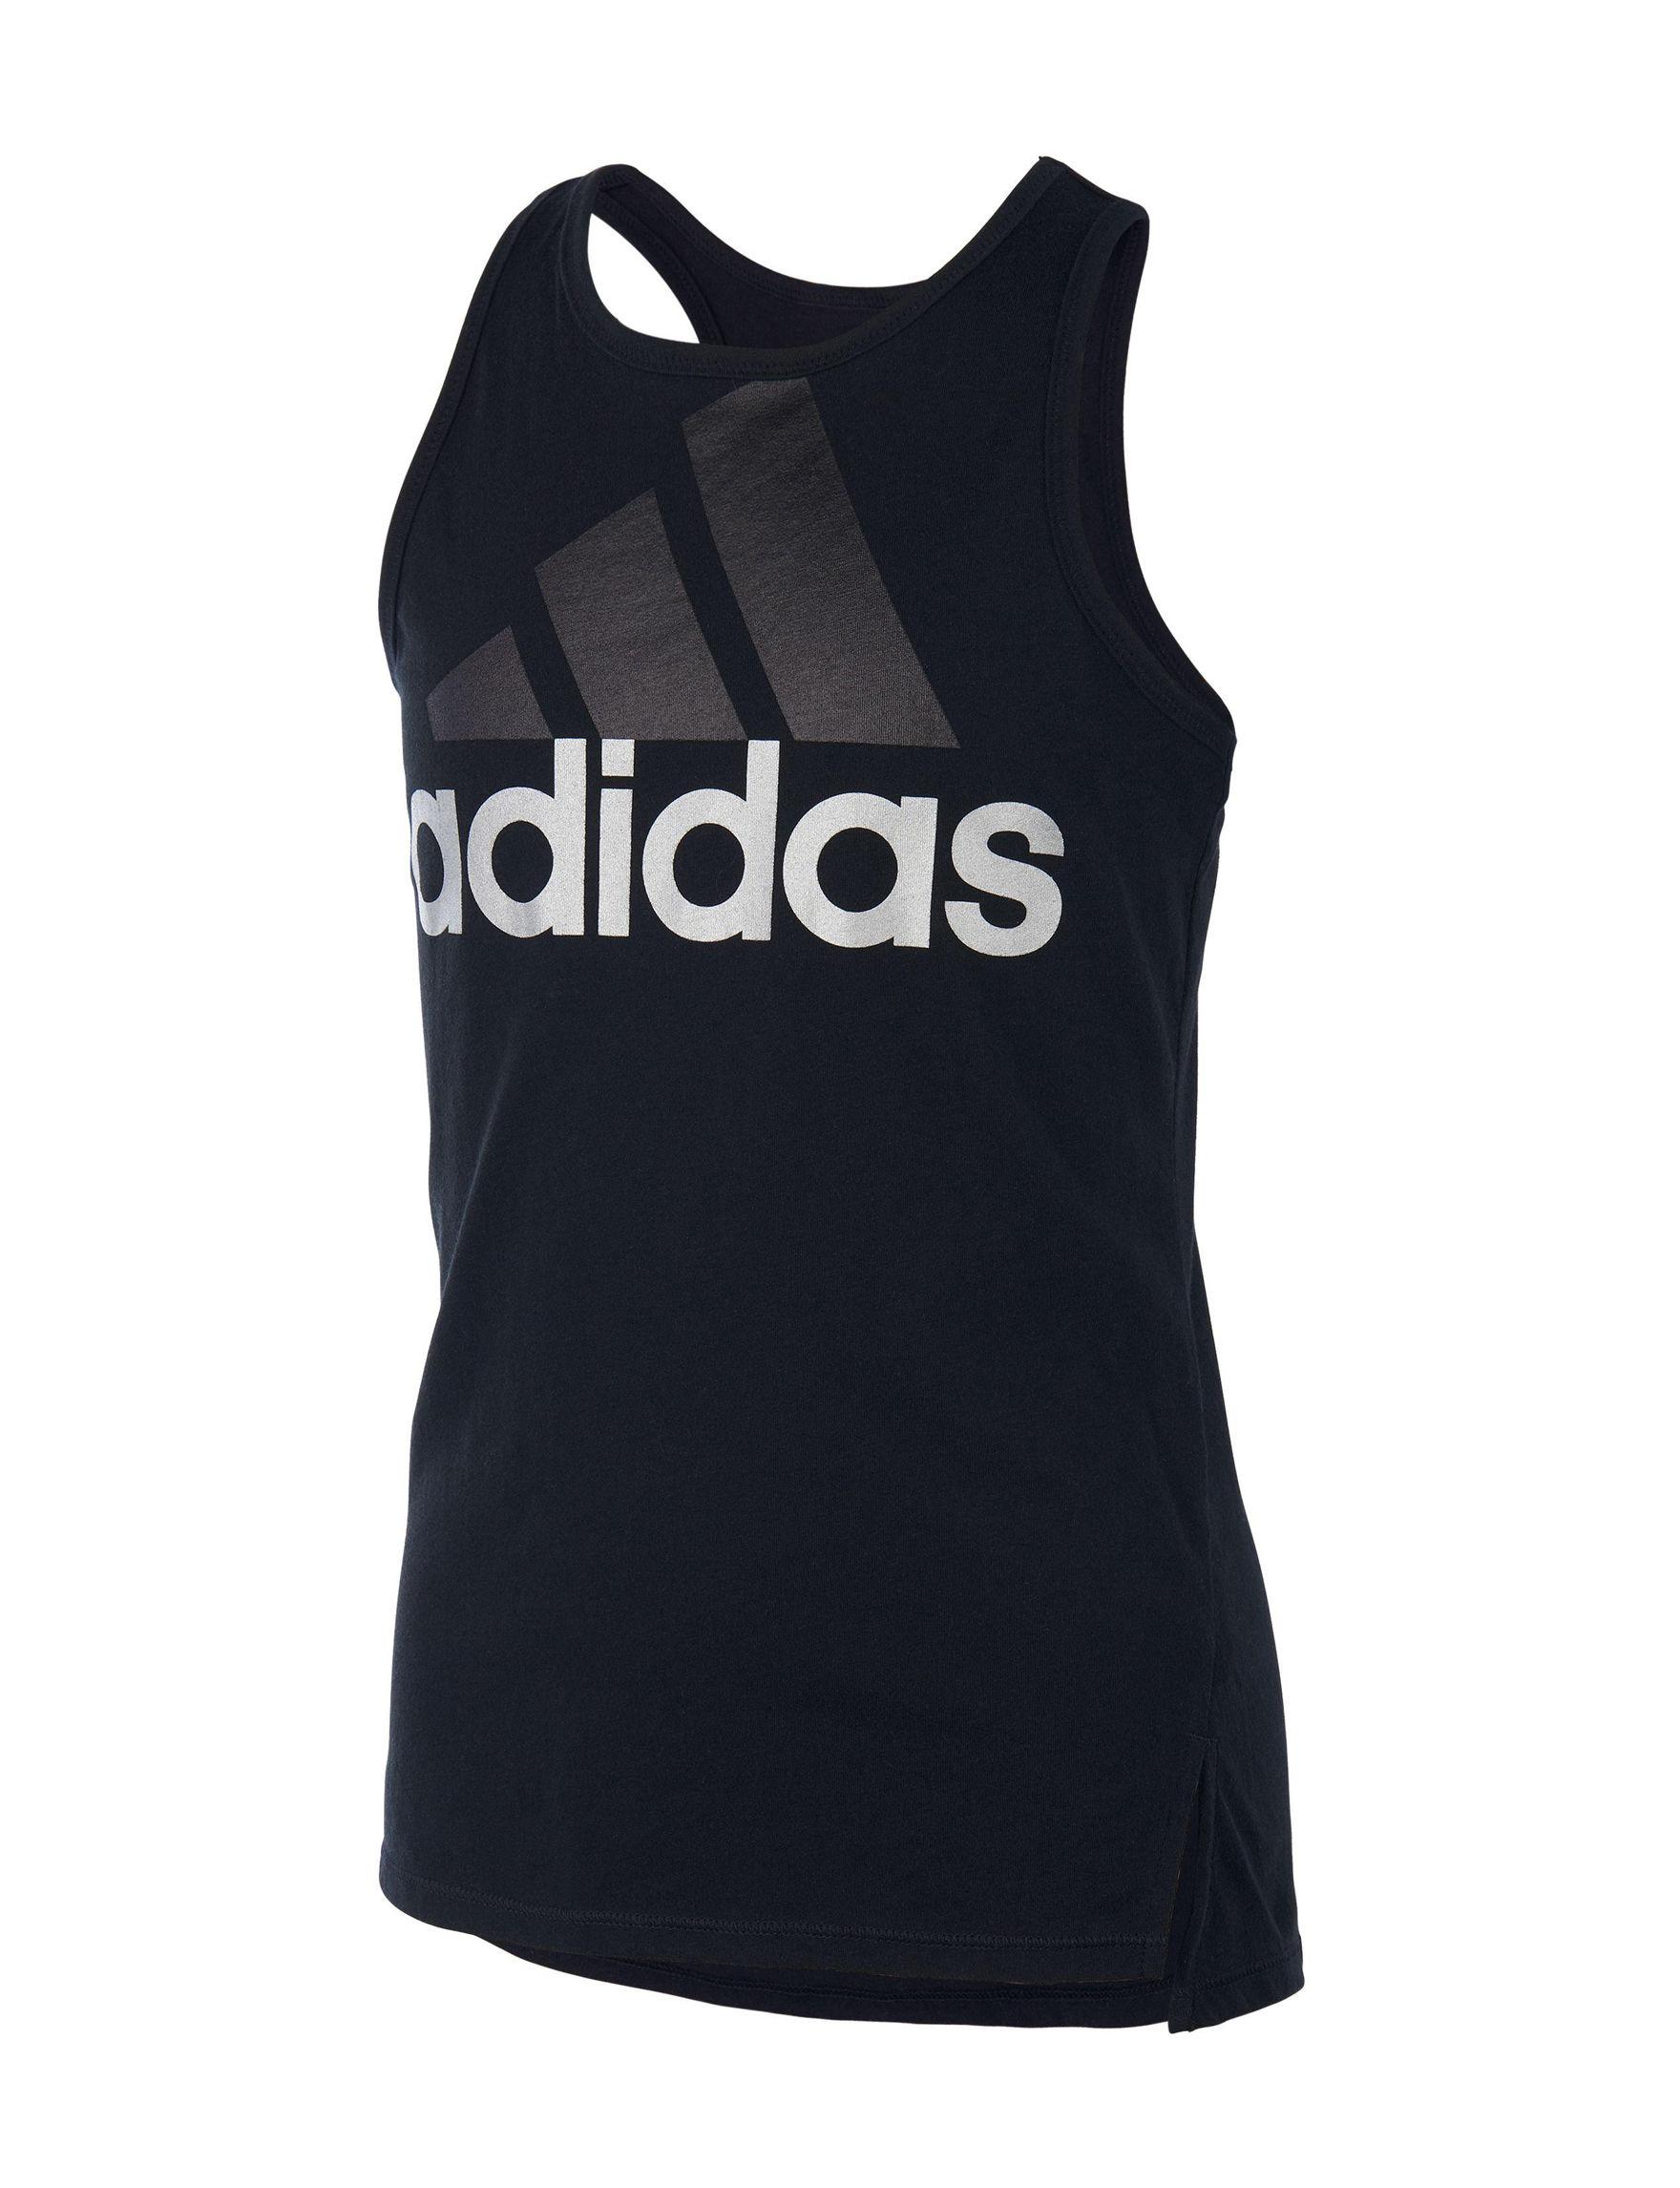 Adidas Black Tees & Tanks